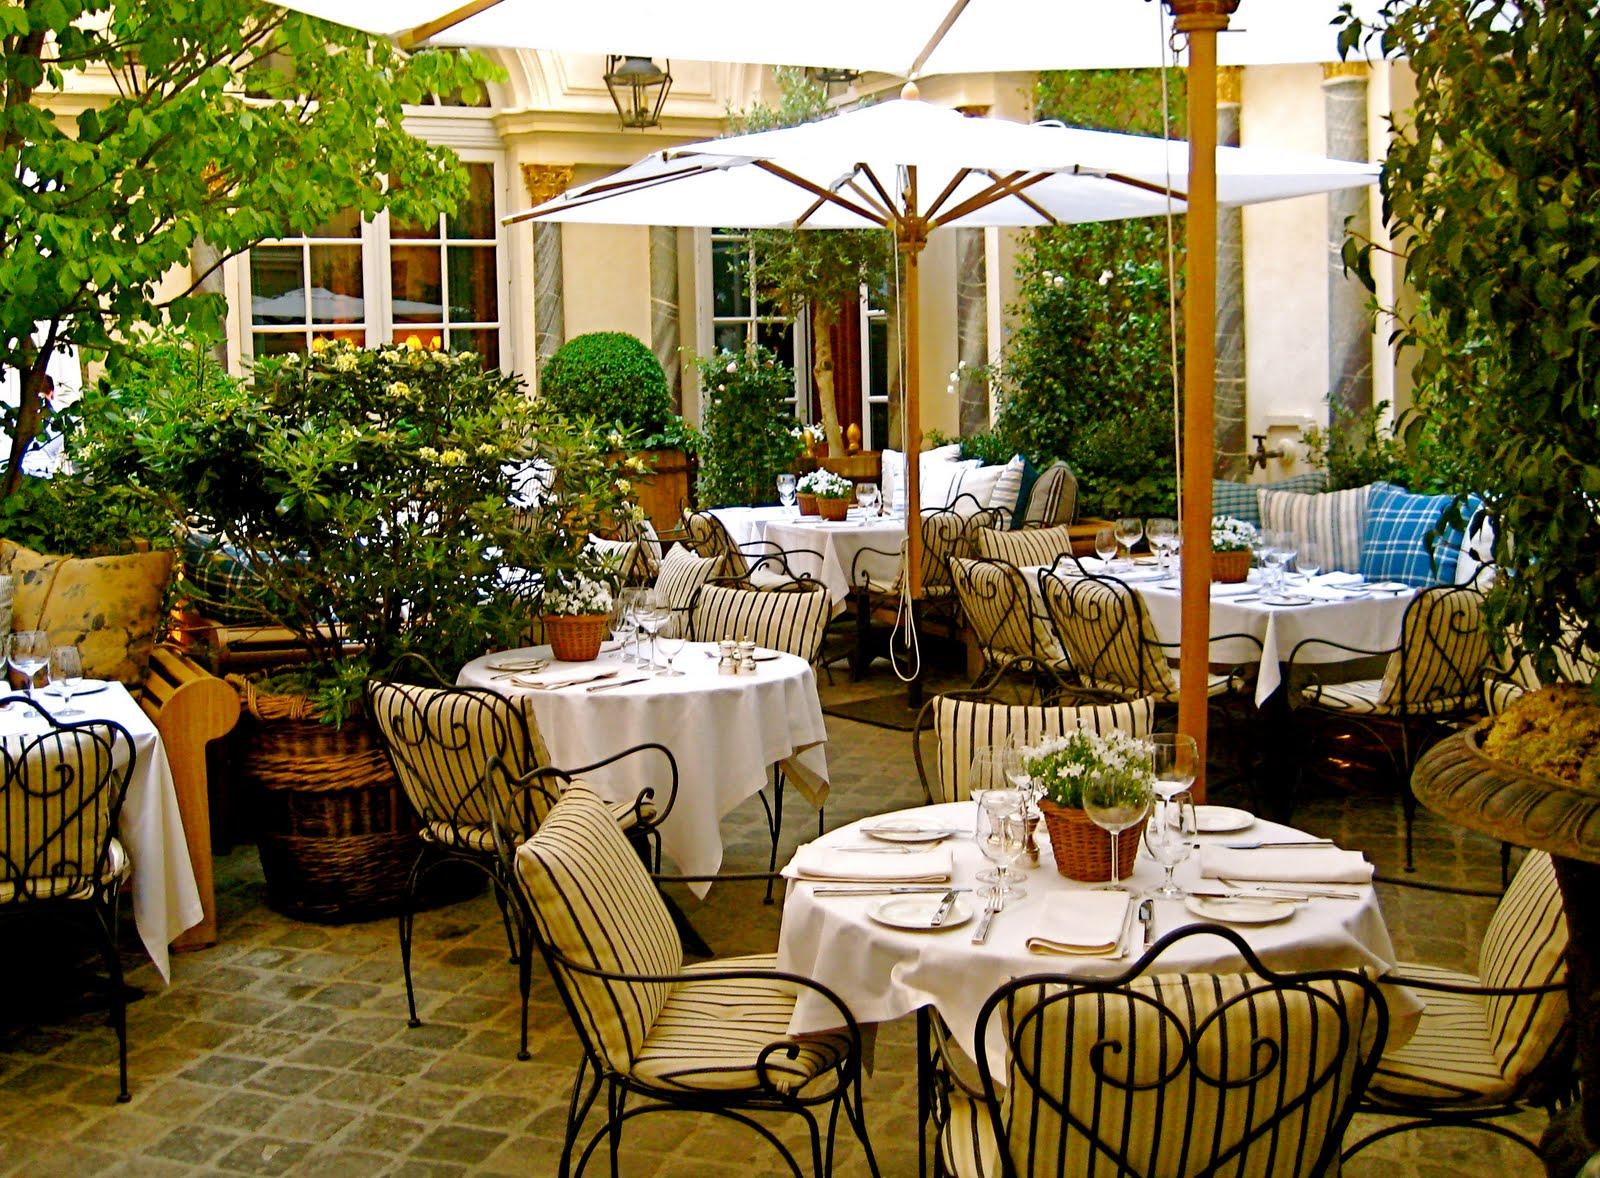 Ralph lauren 39 s new st germain store - Ralph lauren restaurant paris ...